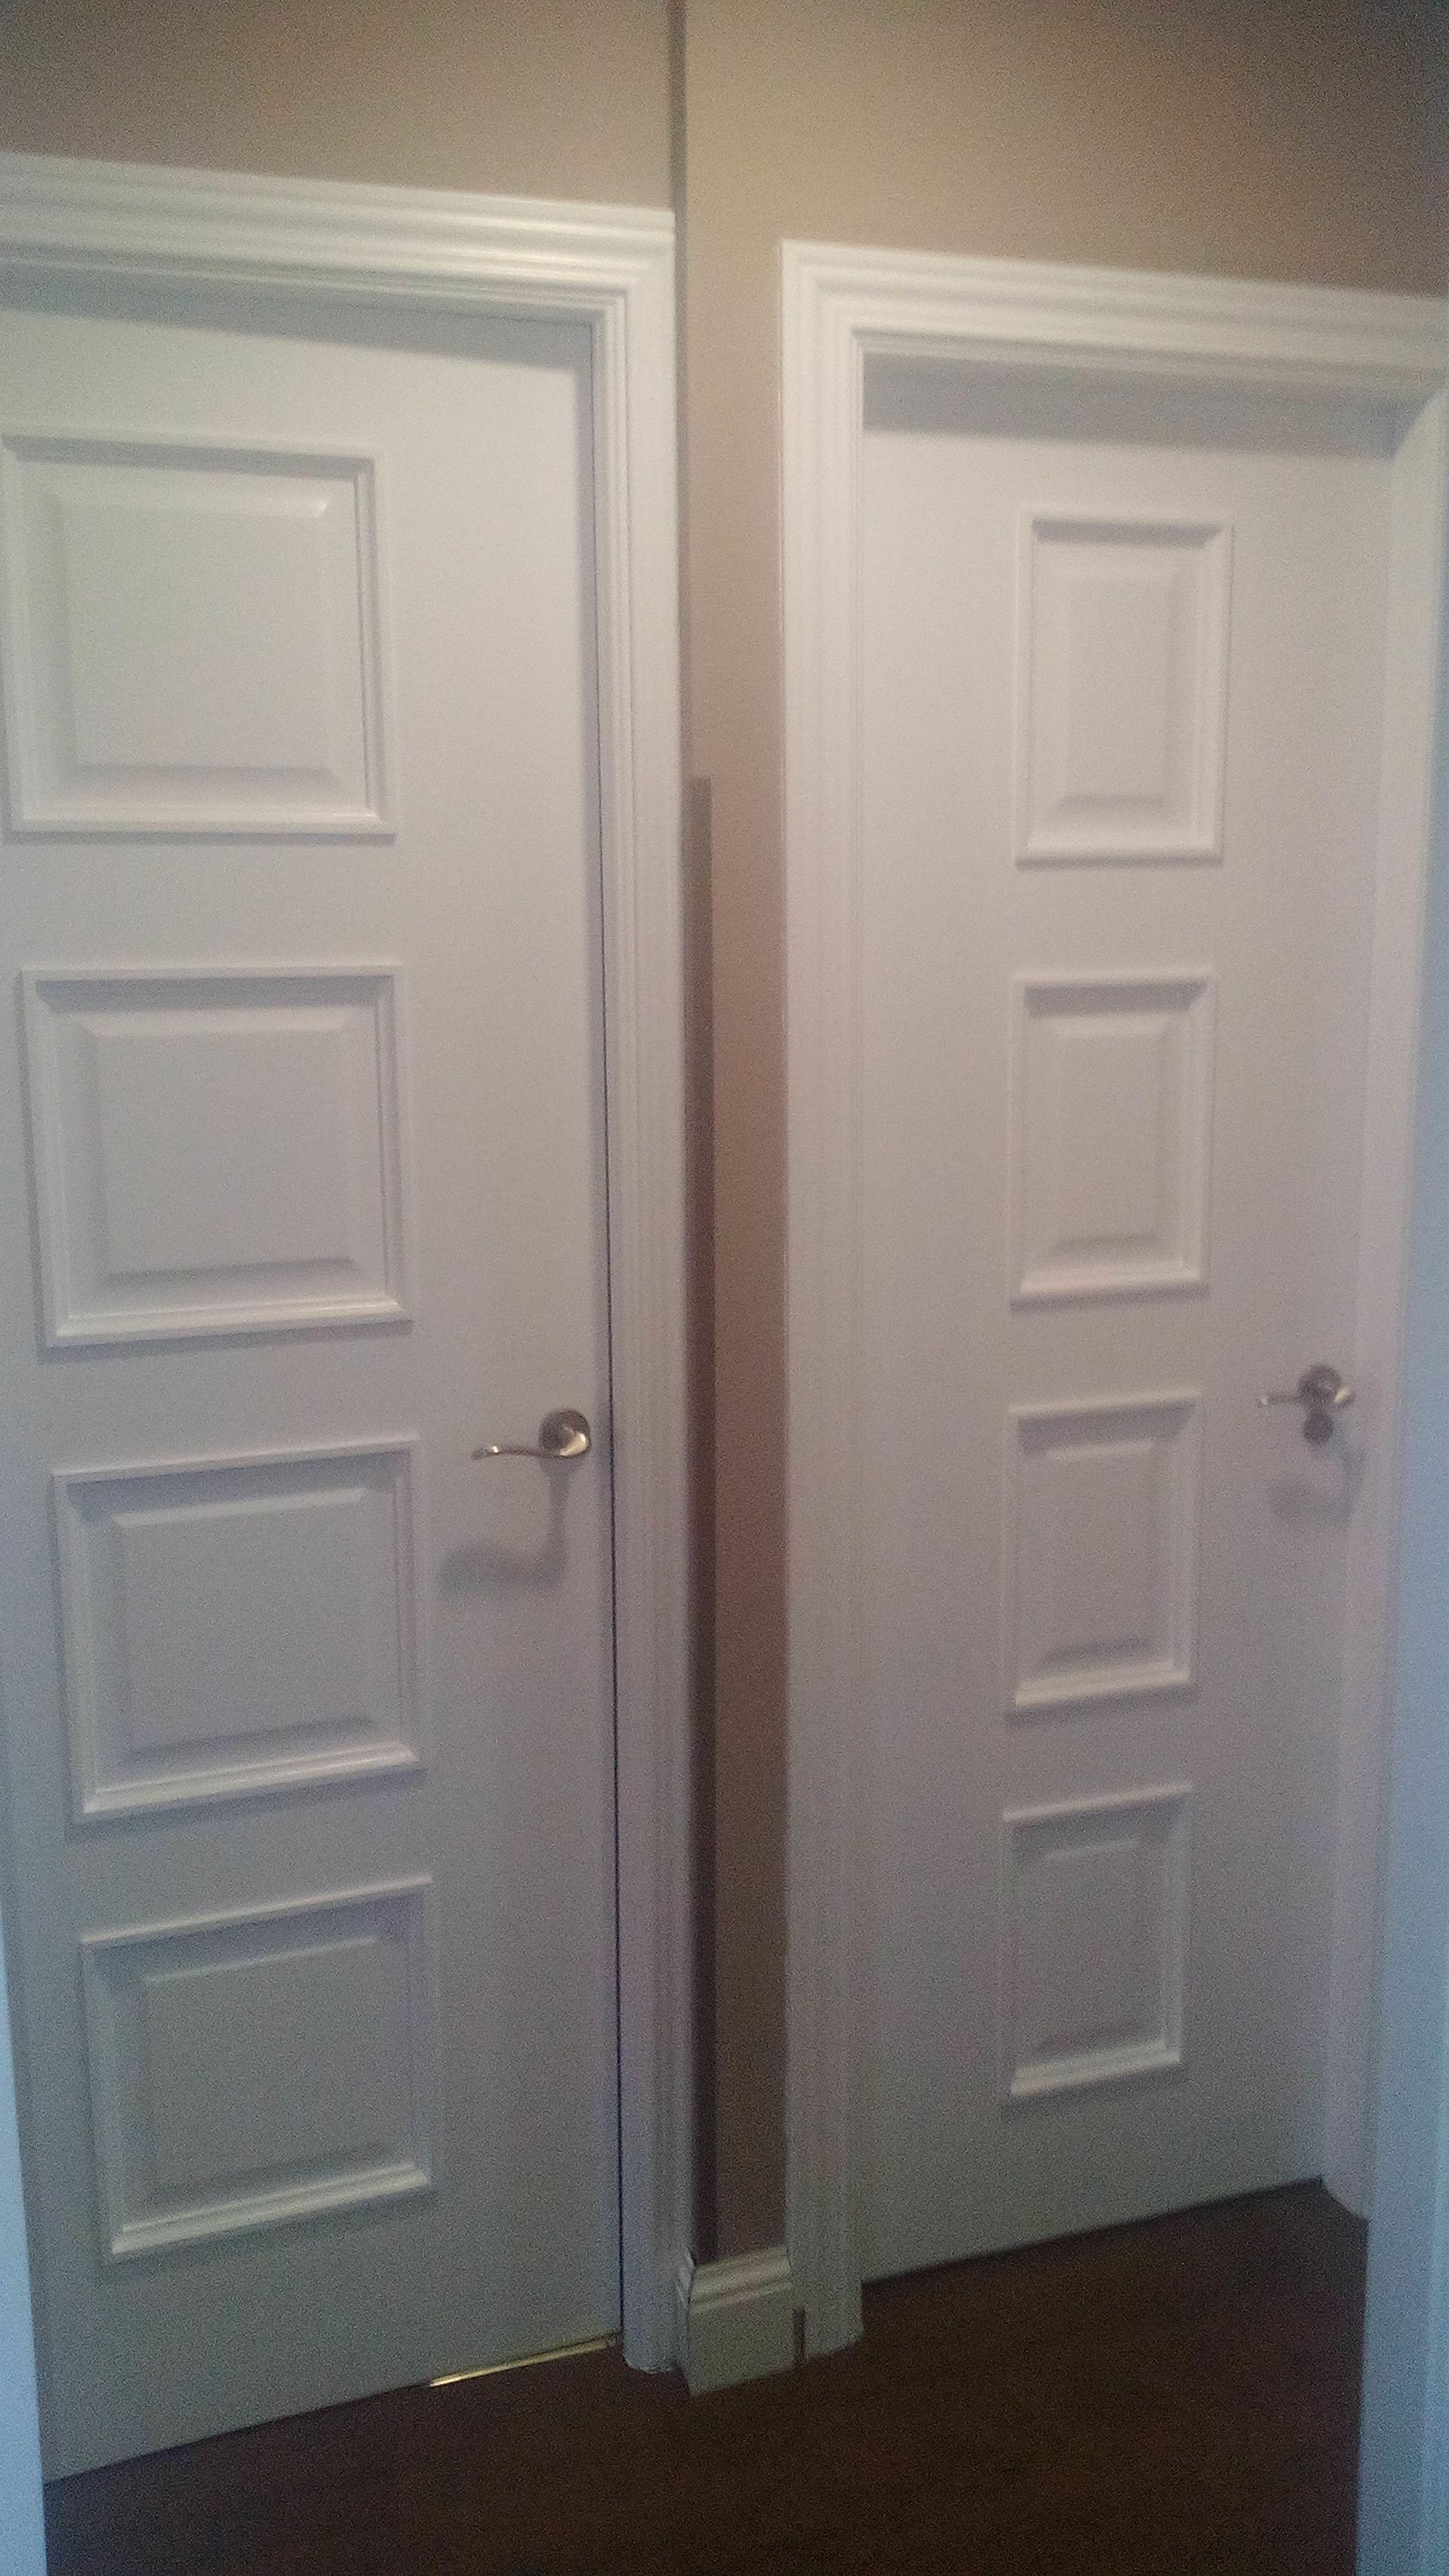 Magn fico precio pintar puertas blanco composici n ideas - Pintar puertas interiores ...